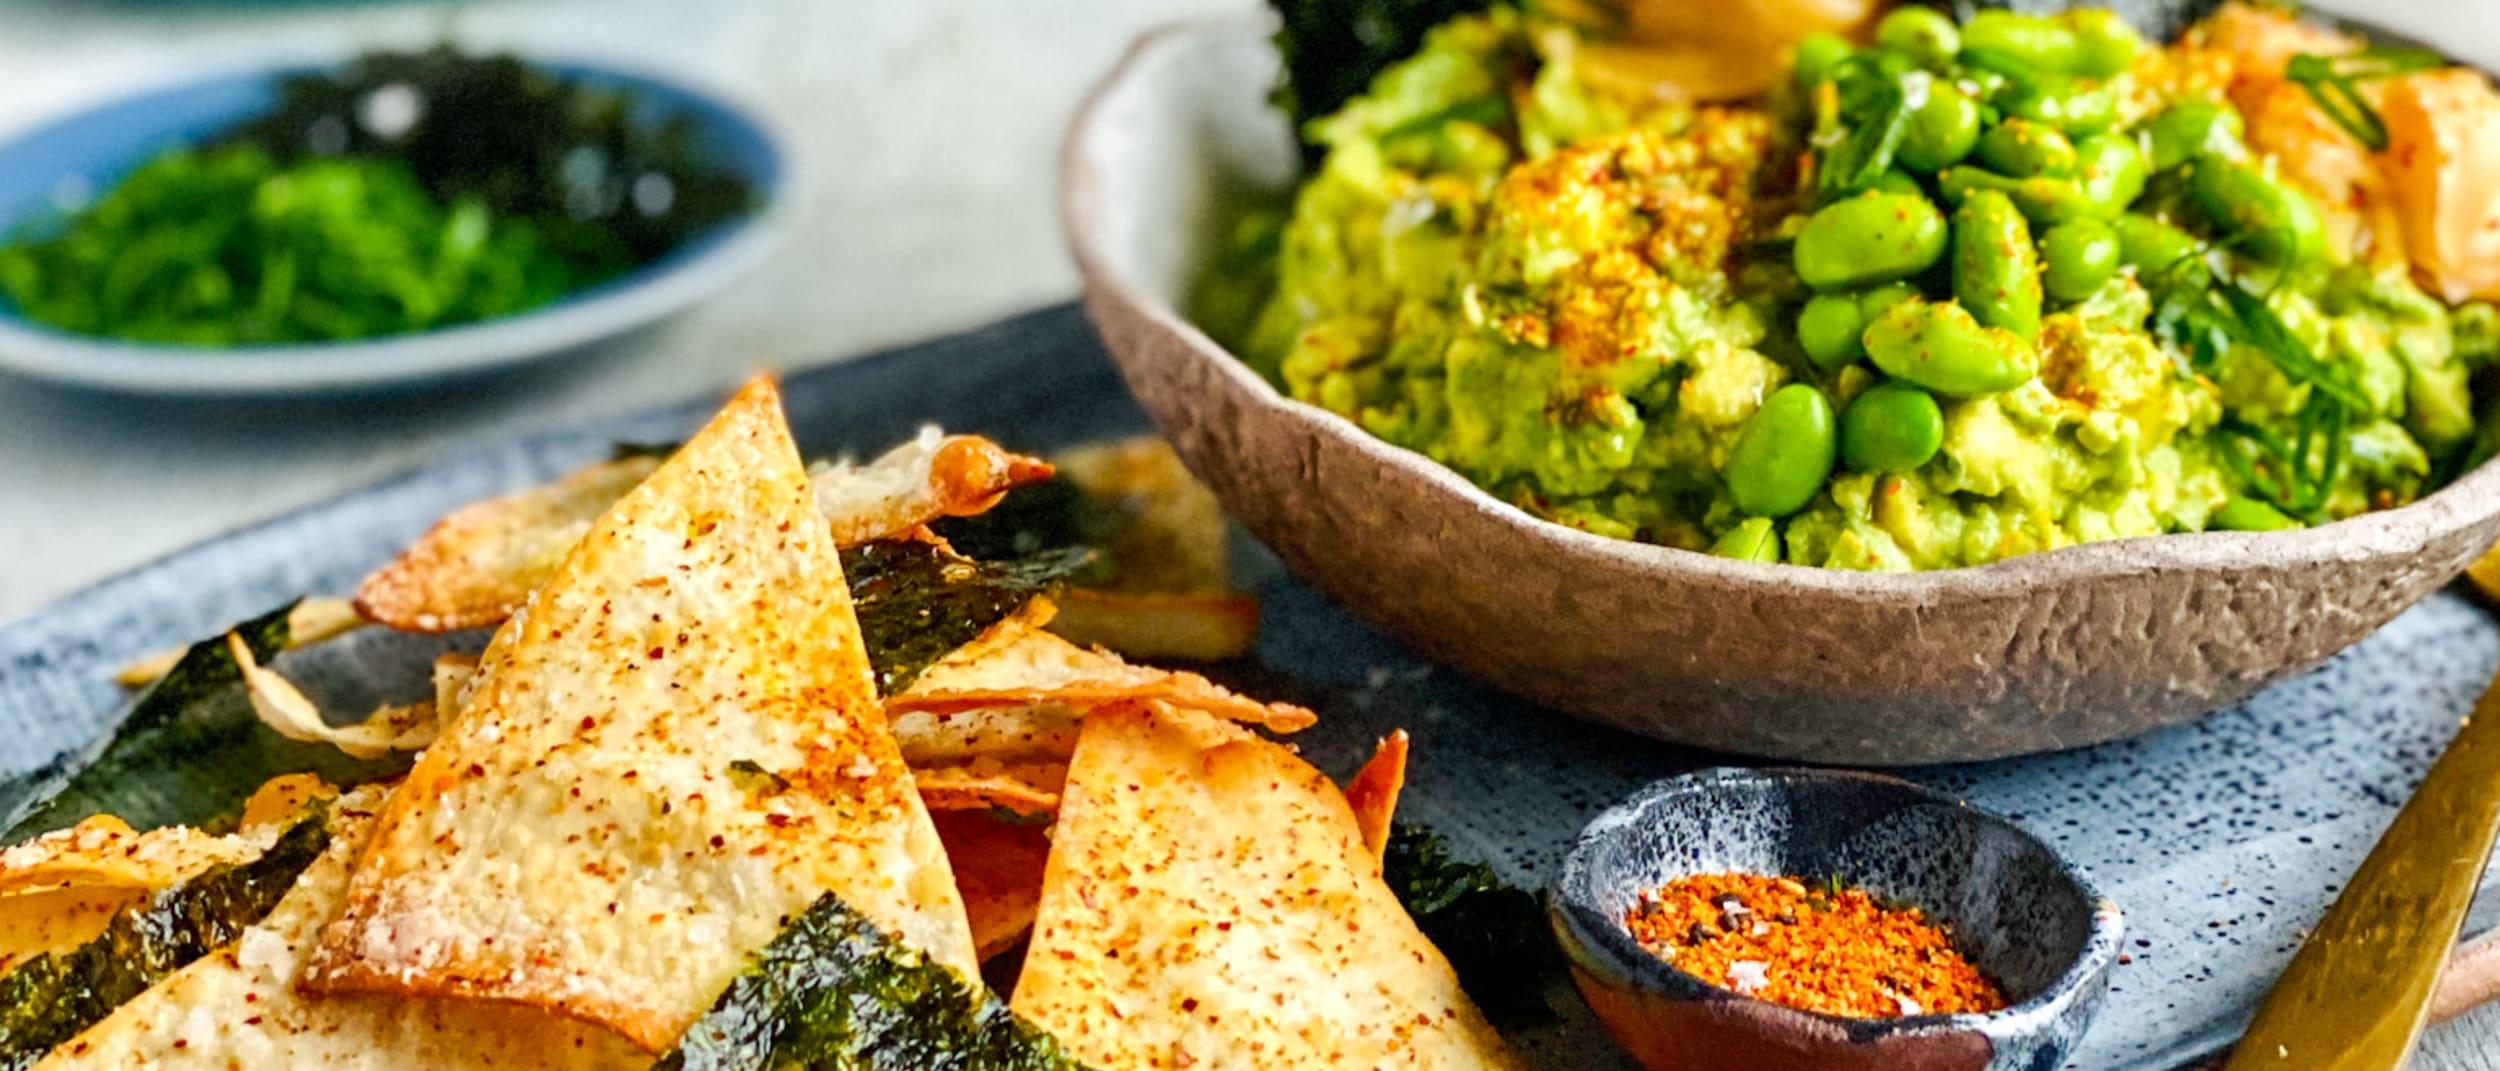 Recipe: Japanese inspired delcado guacamole